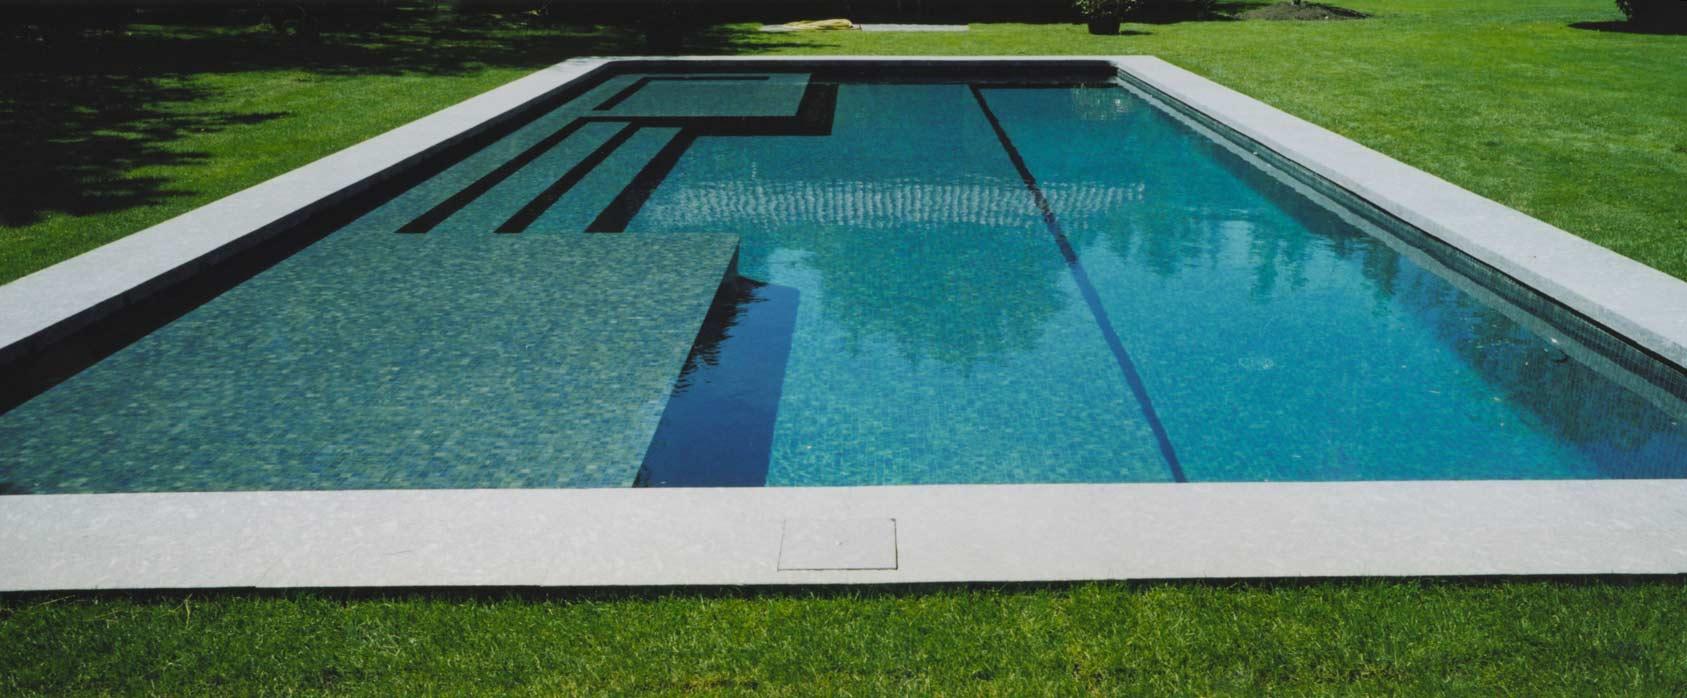 Las Lomas - Pergolas & pools